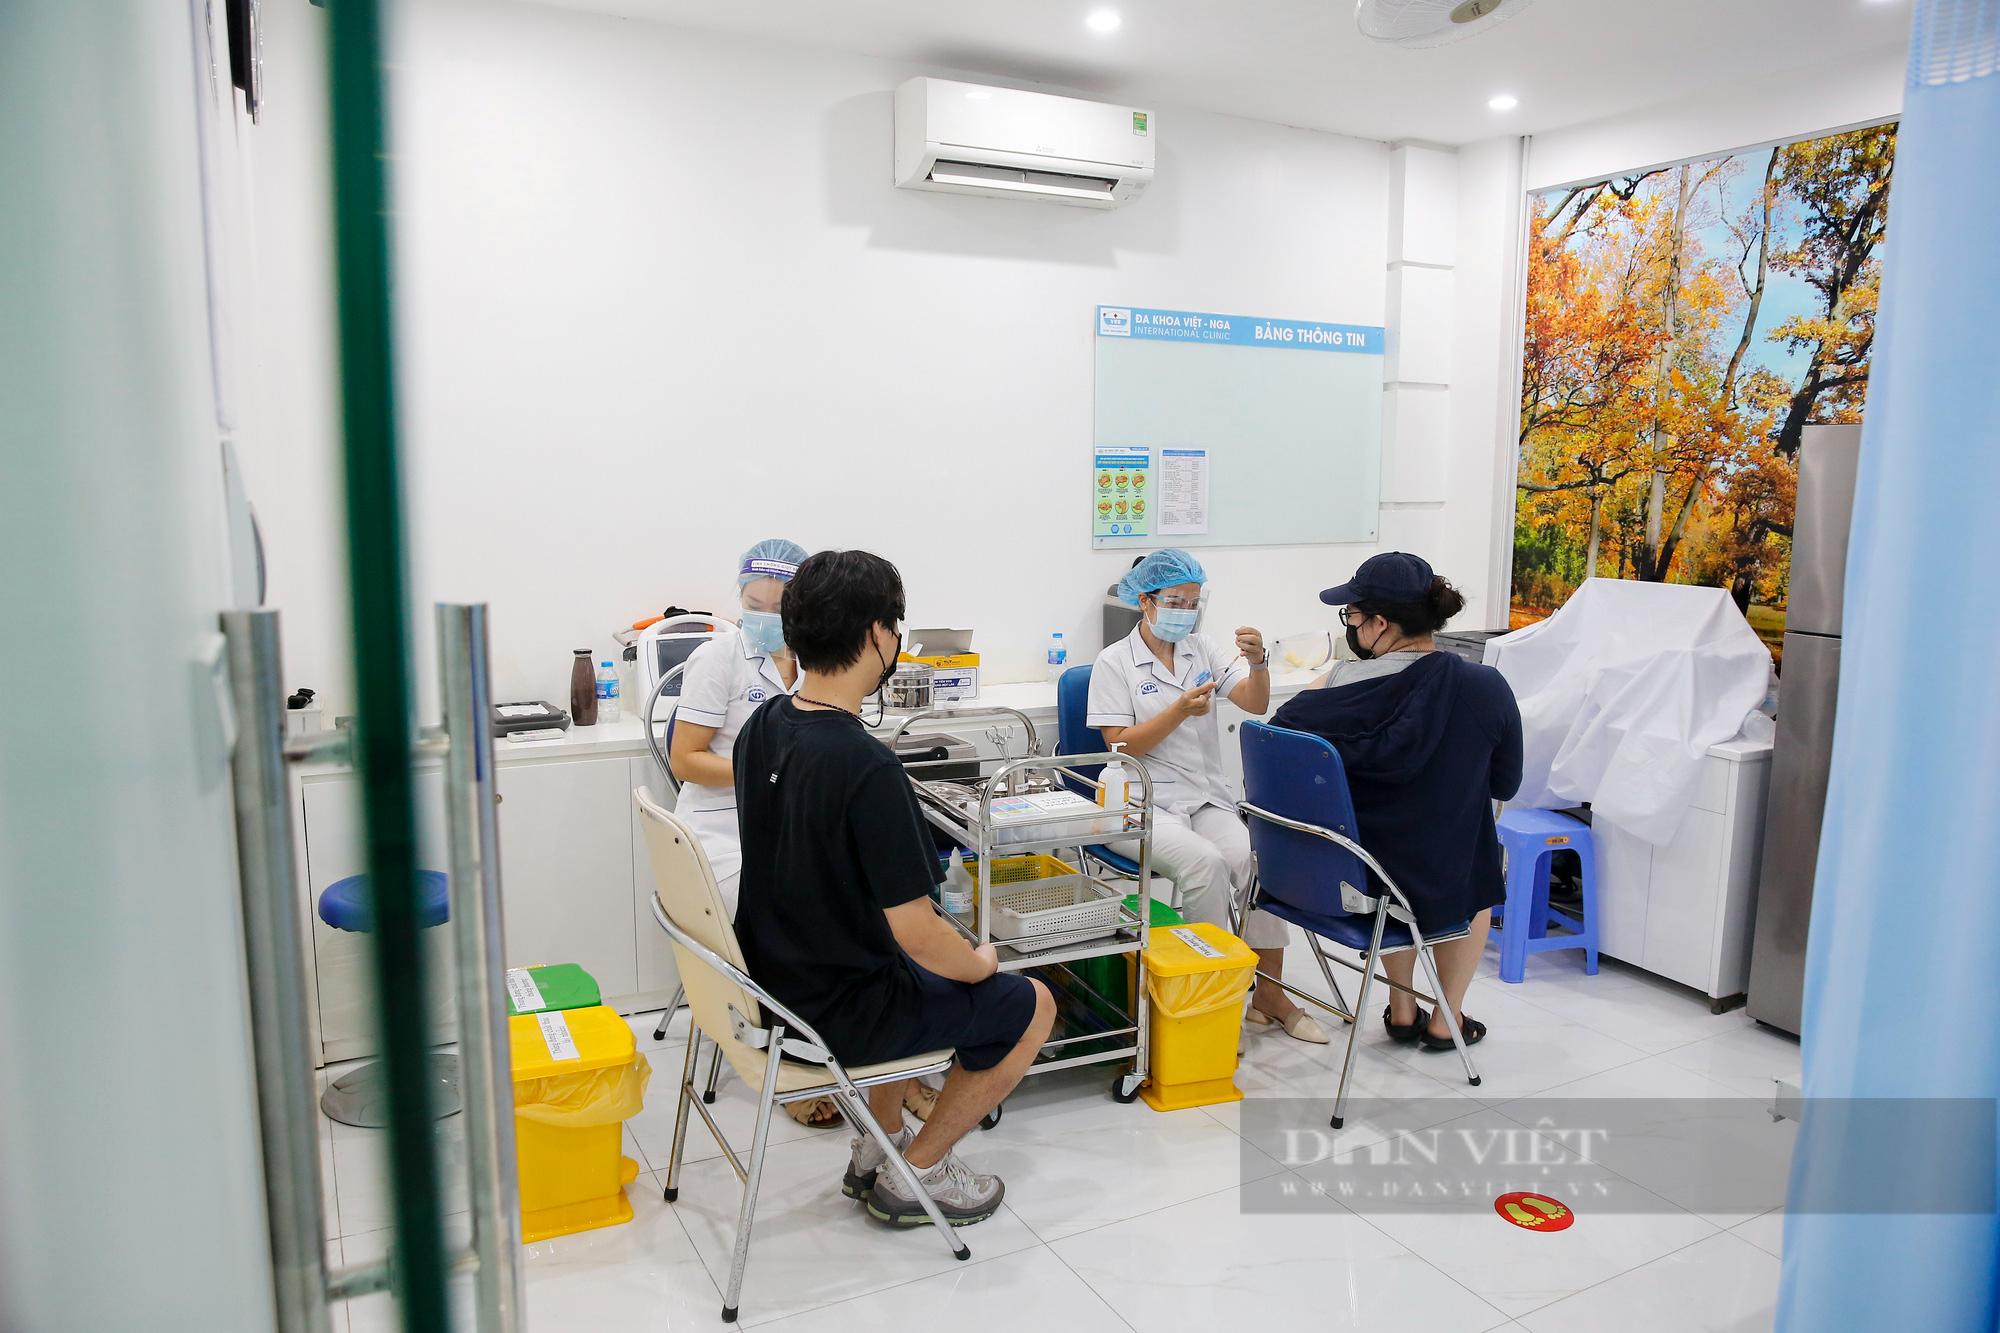 Tiêm vaccine Covid-19 cho hàng trăm người nước ngoài mỗi ngày tại Hà Nội - Ảnh 1.